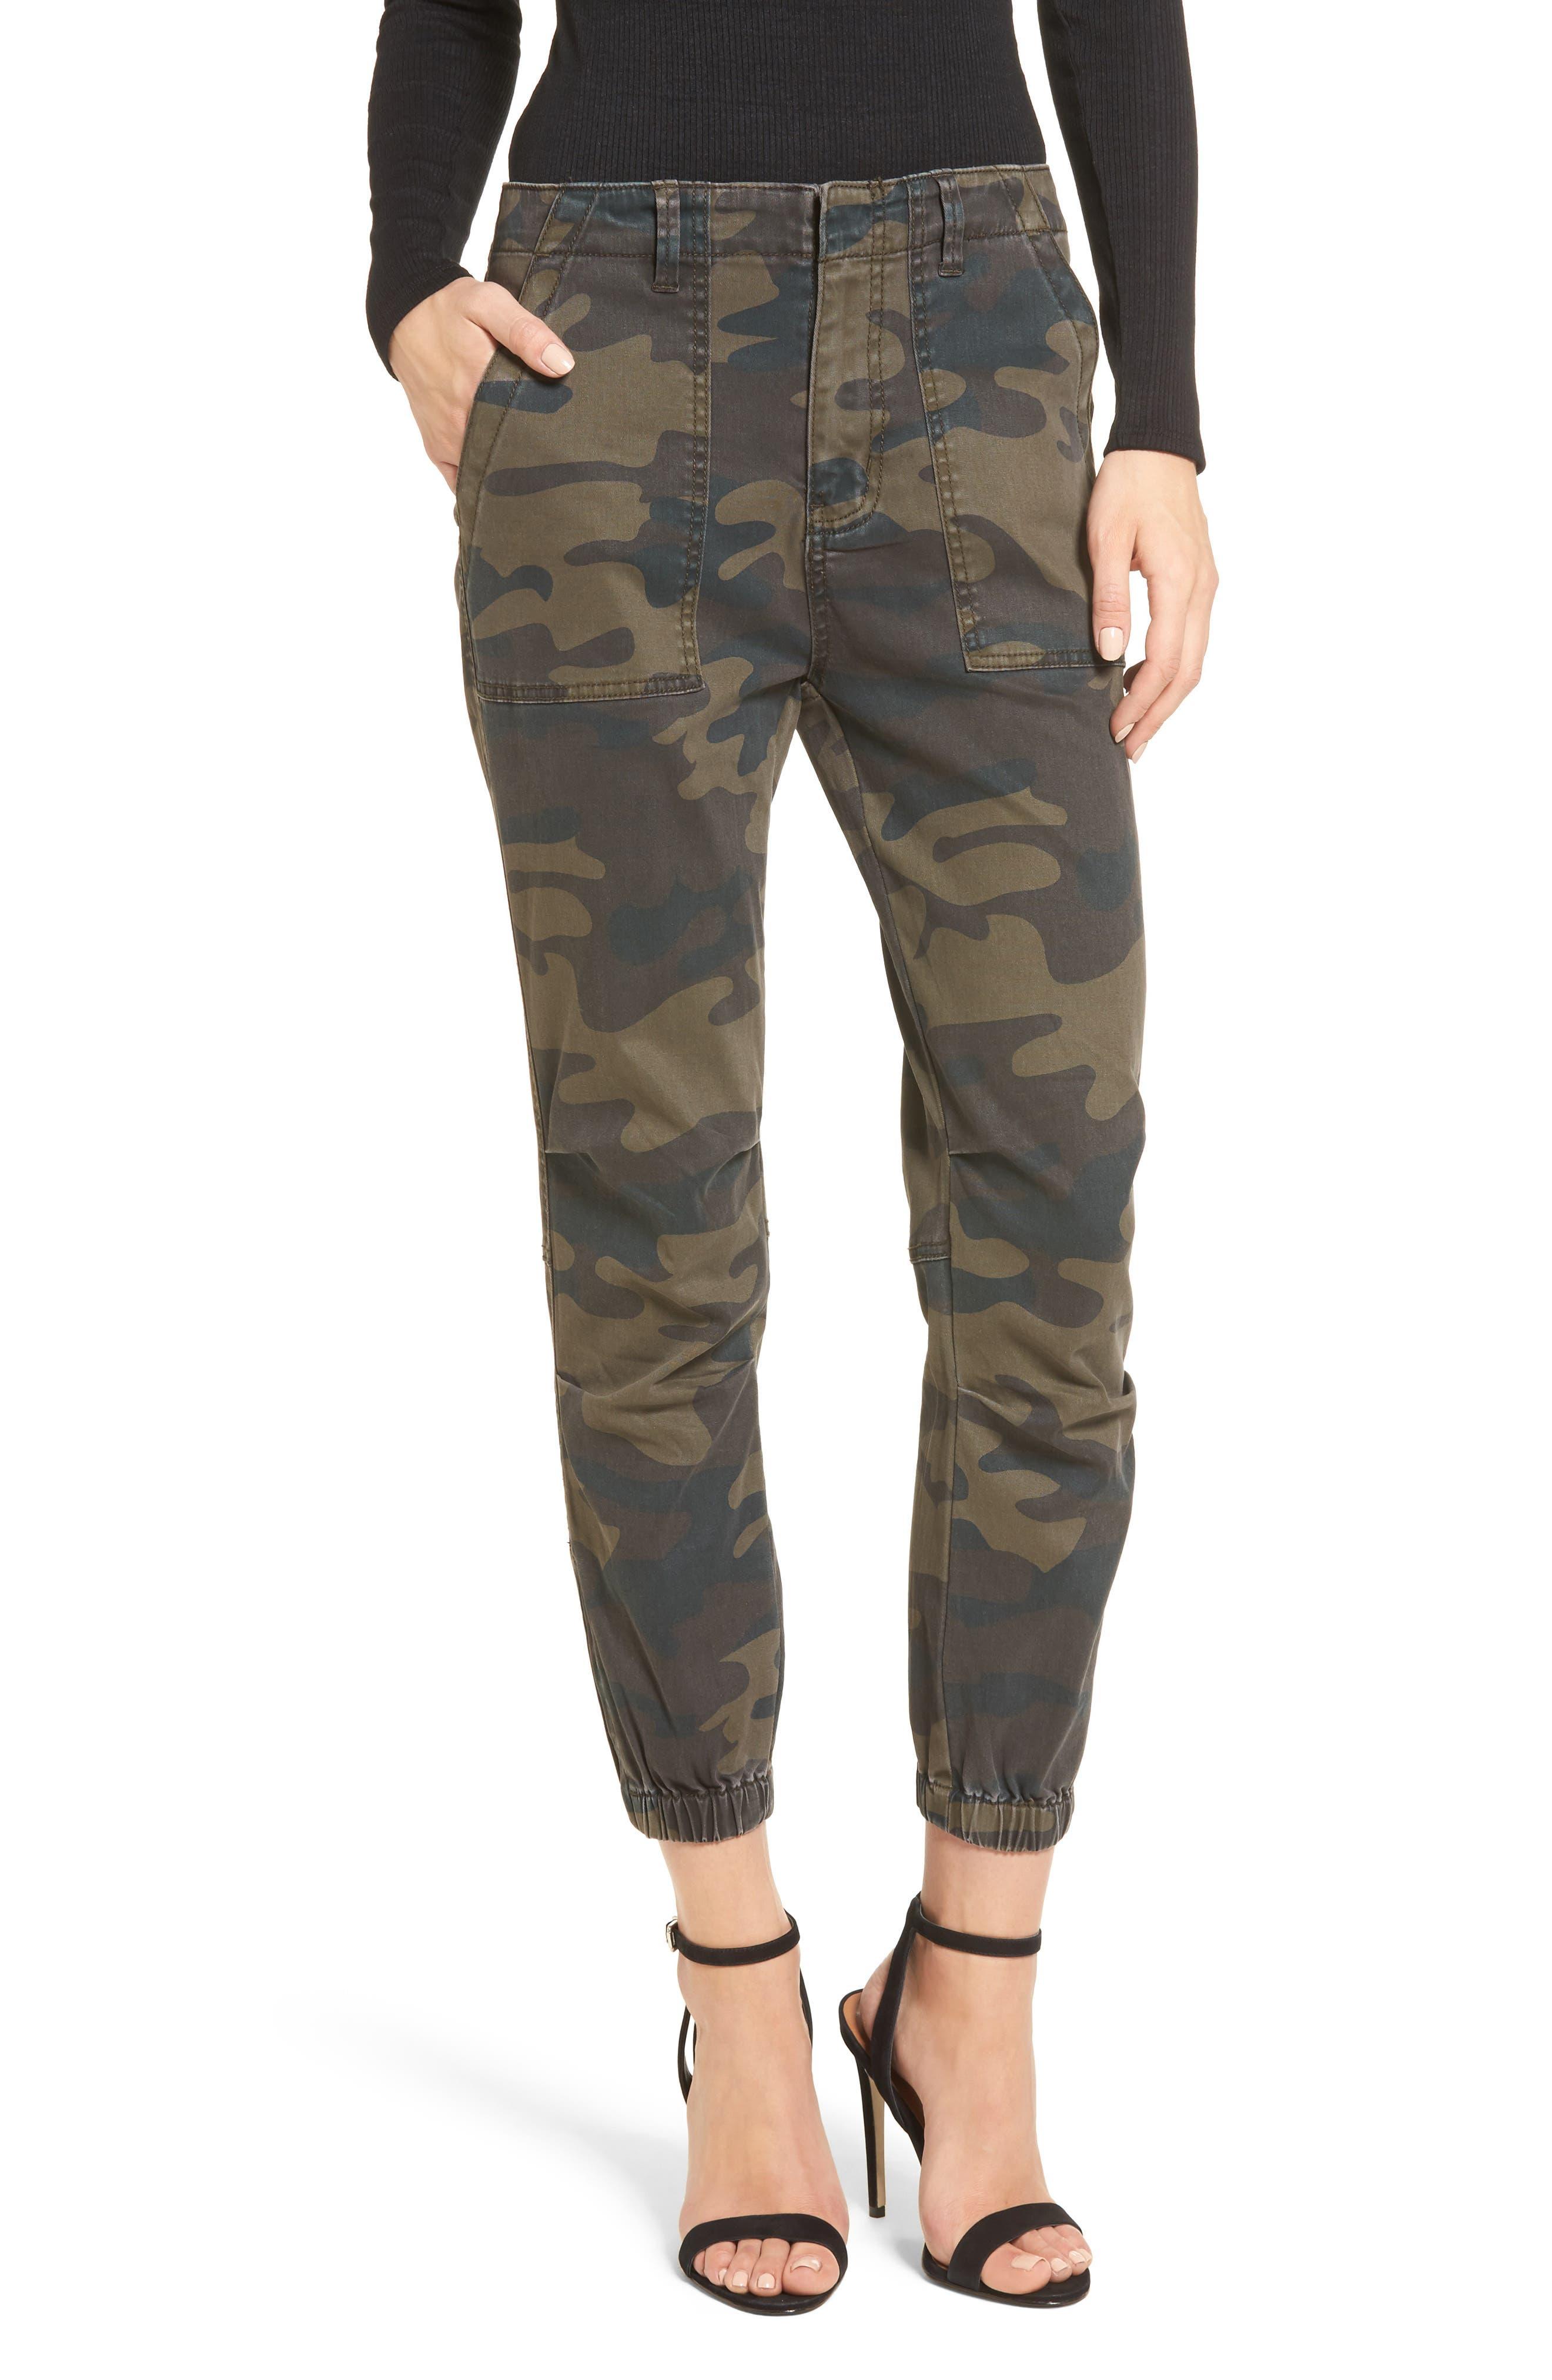 Jensen Prime Camo Jogger Pants,                         Main,                         color, 300